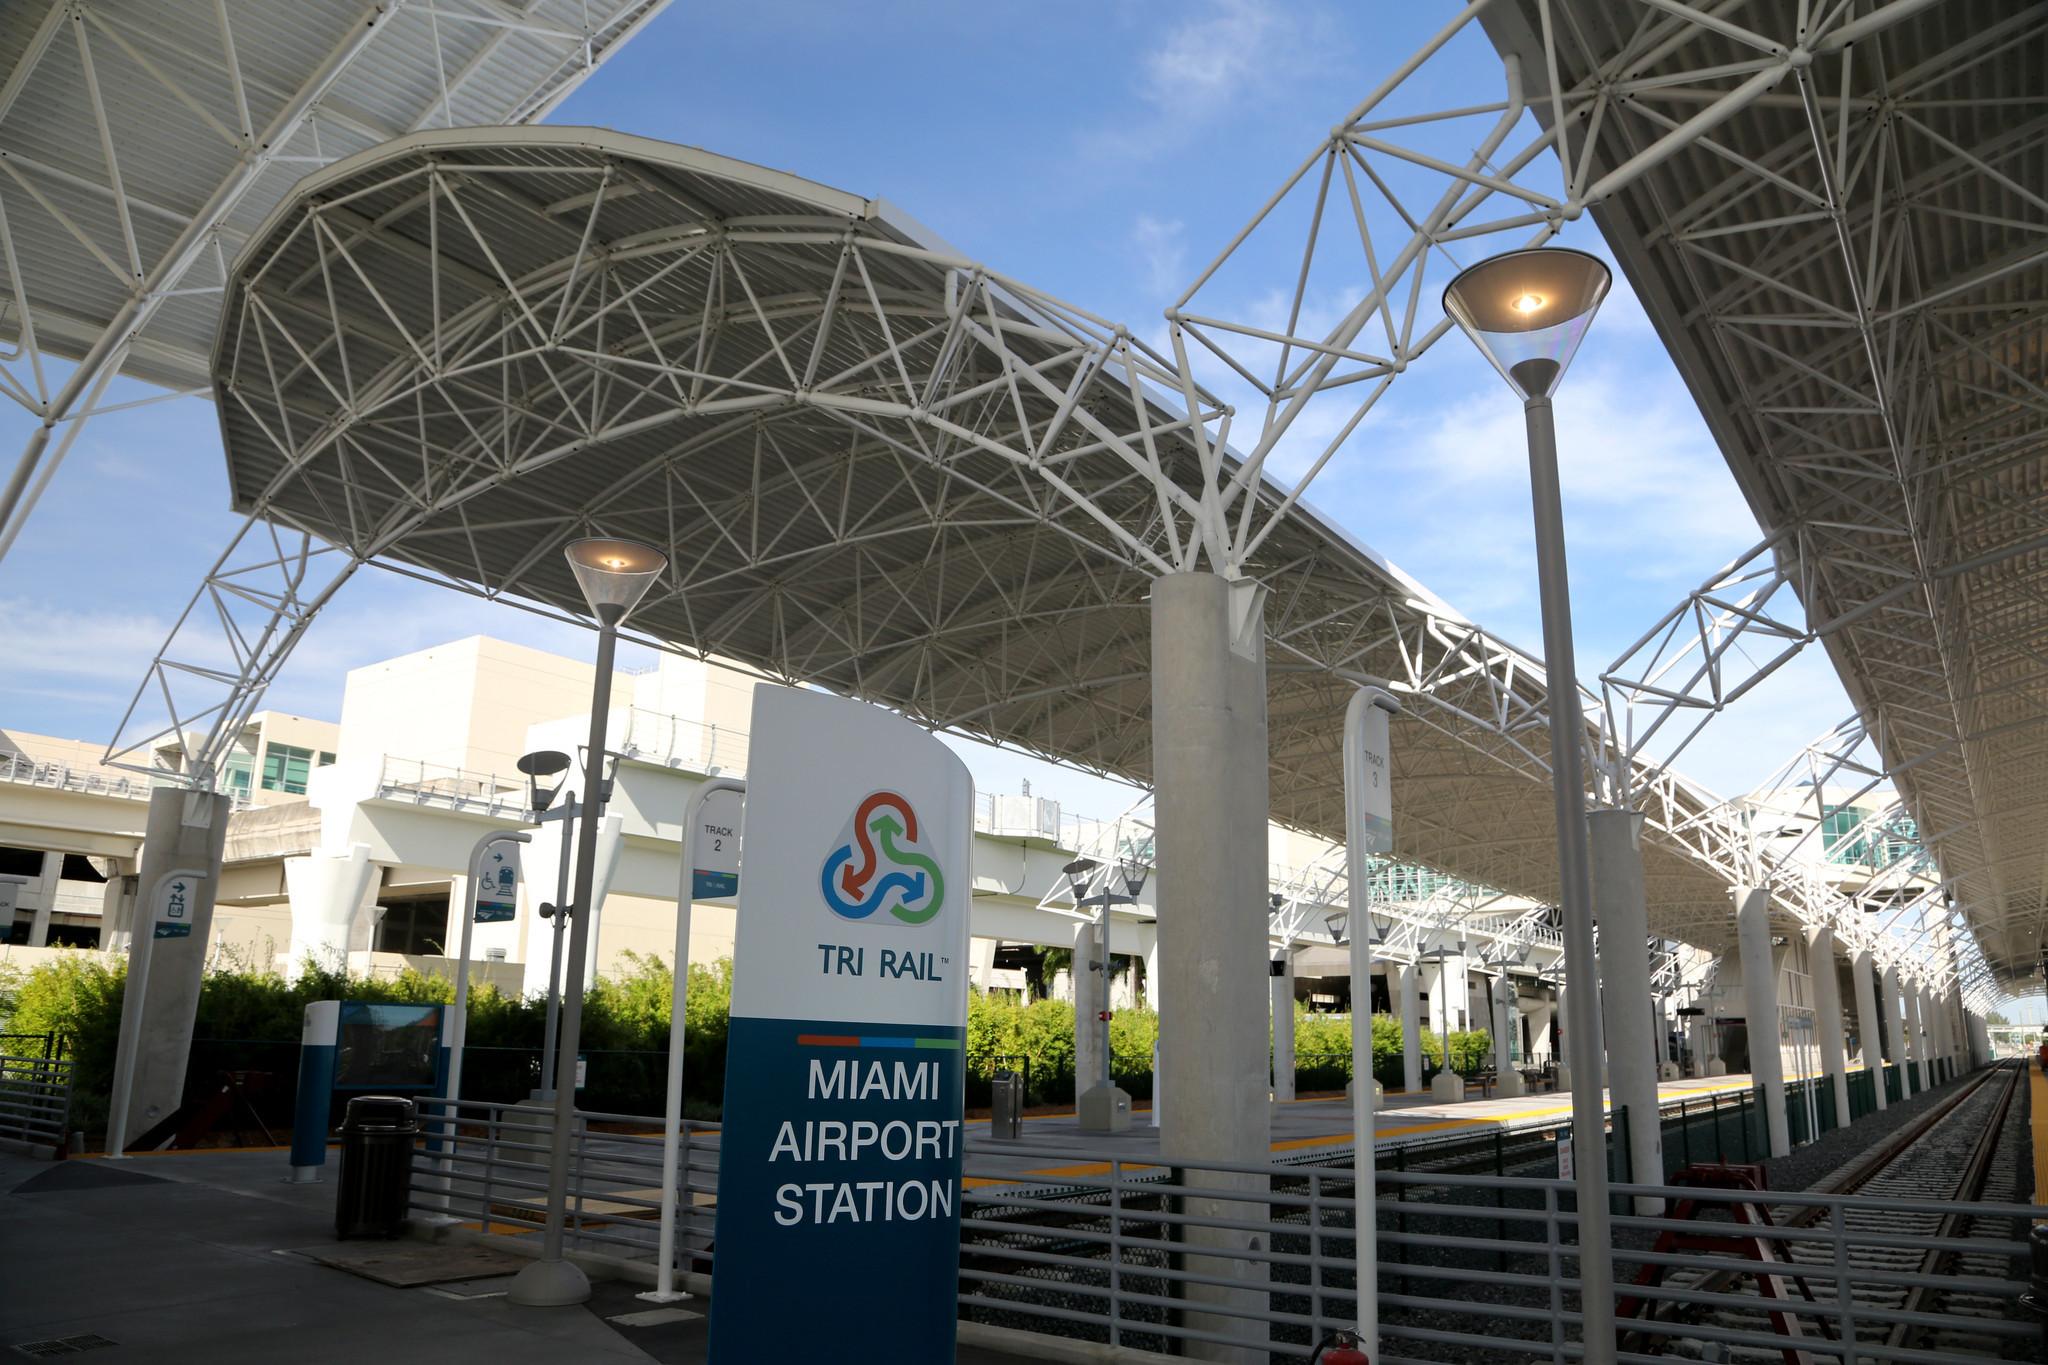 tri-rail's miami airport station set to open on april 5